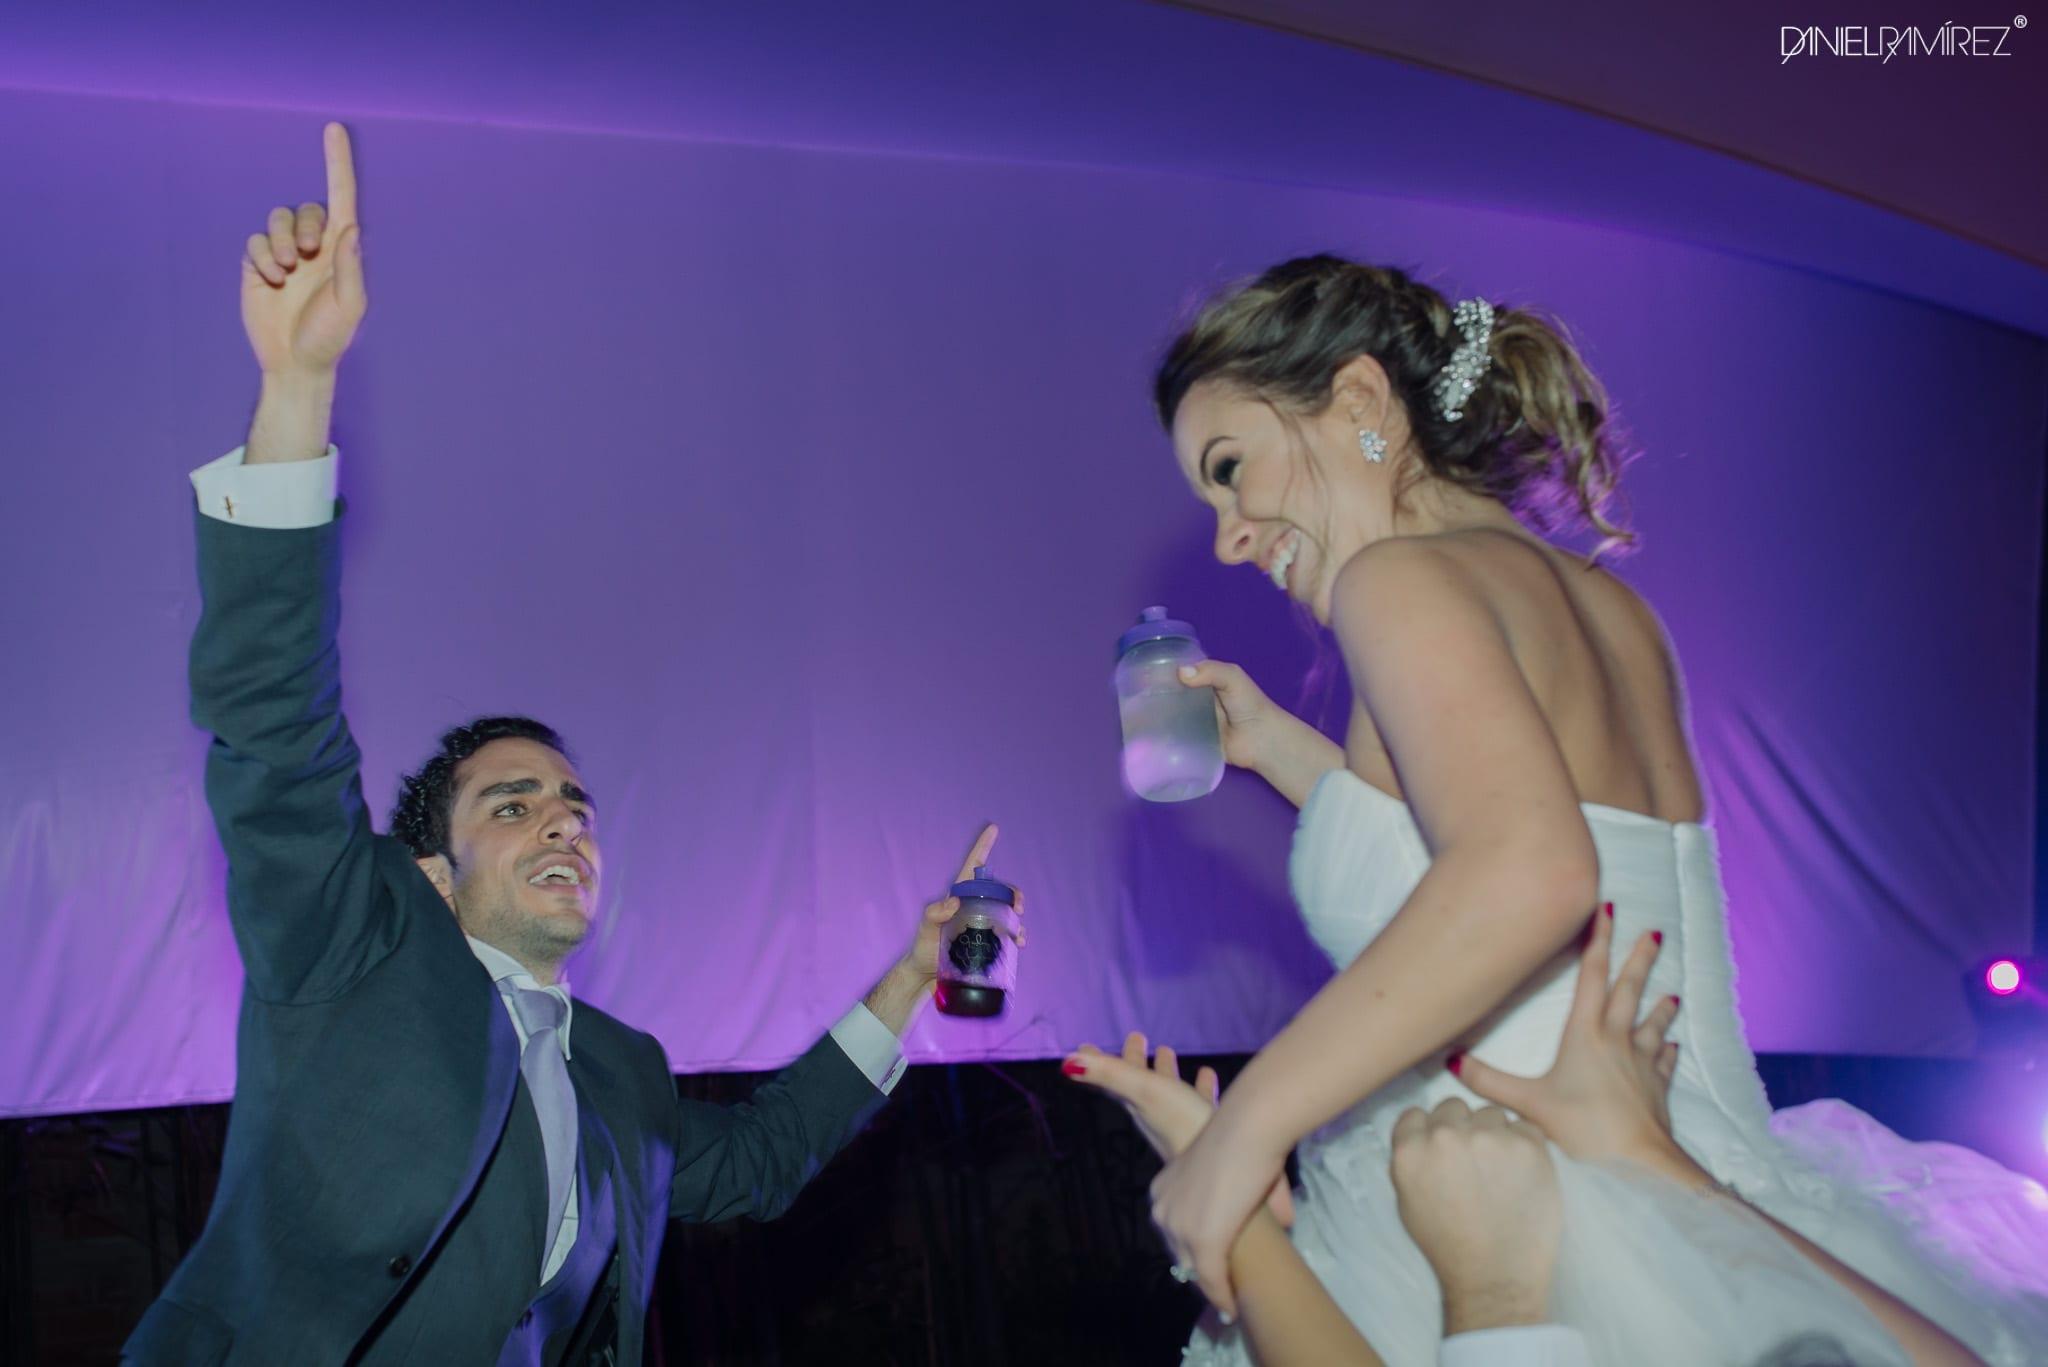 bodas en cdmx